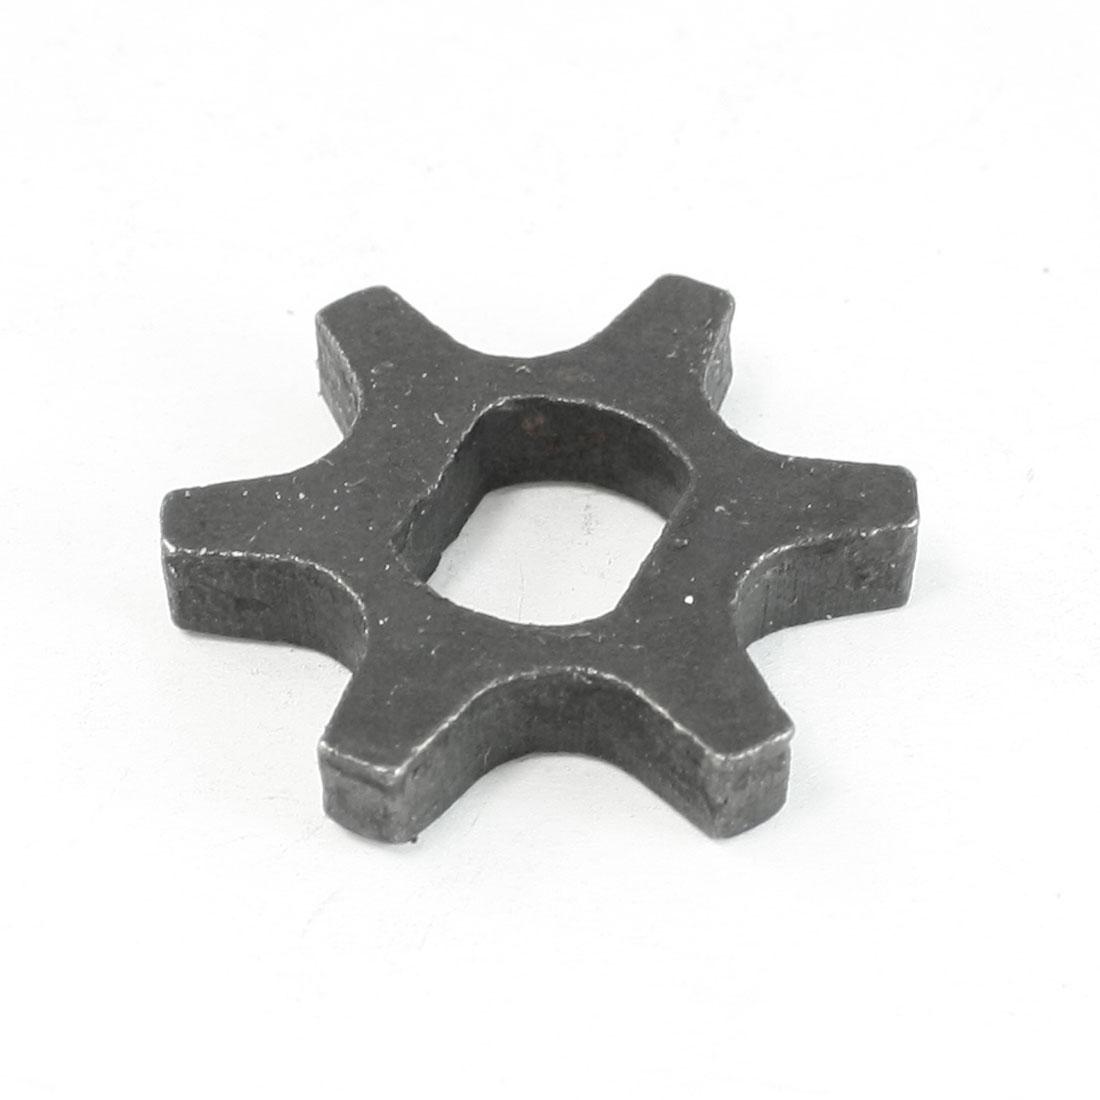 Repair Part 6 Teeth Metal 5016 Sprocket for Electric Hammer